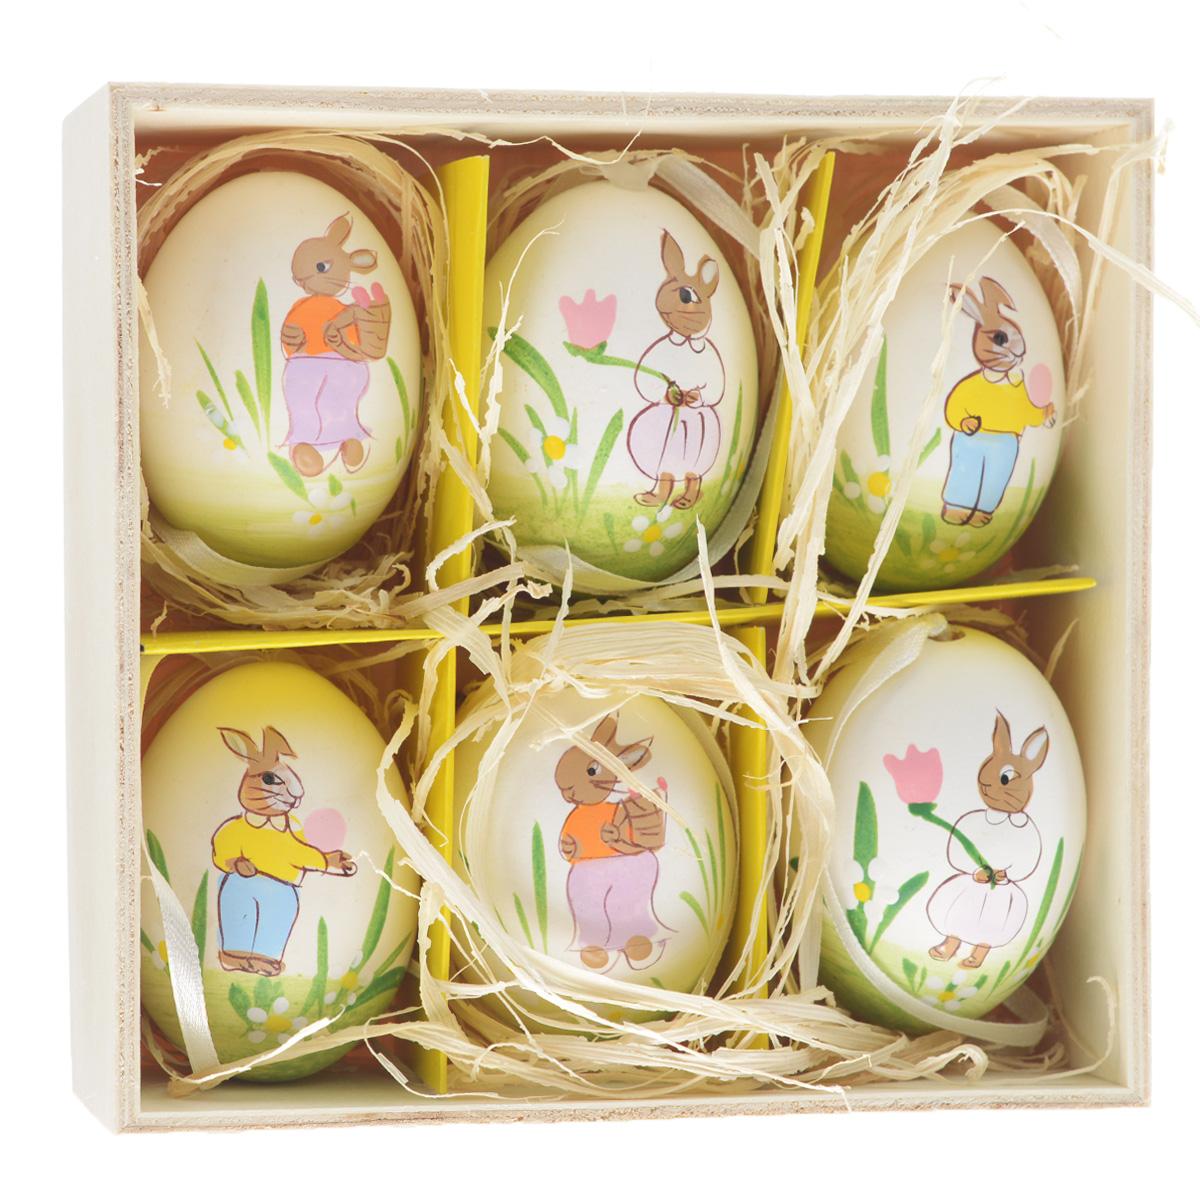 Декоративные подвесные пасхальные яйца Феникс-презент, 6 шт. 3690136901Декоративные подвесные пасхальные яйца Феникс-презент отлично подойдут для декорации вашего дома к Пасхе. Изделия выполнены из натуральной скорлупы куриного яйца и декорированы изображением кроликов и цветов. Украшения оснащены специальными текстильными петельками для подвешивания. В комплекте - 6 пасхальных яиц, которые располагаются в деревянном ящике с подложкой из лыко. Яйцо - это главный символ Пасхи, который означает для христиан новую жизнь и возрождение. Создайте в своем доме атмосферу праздника, украшая его декоративными пасхальными яйцами. Материал: скорлупа куриного яйца, текстиль, лыко. Размер яйца: 4 см х 4 см х 5,5 см.